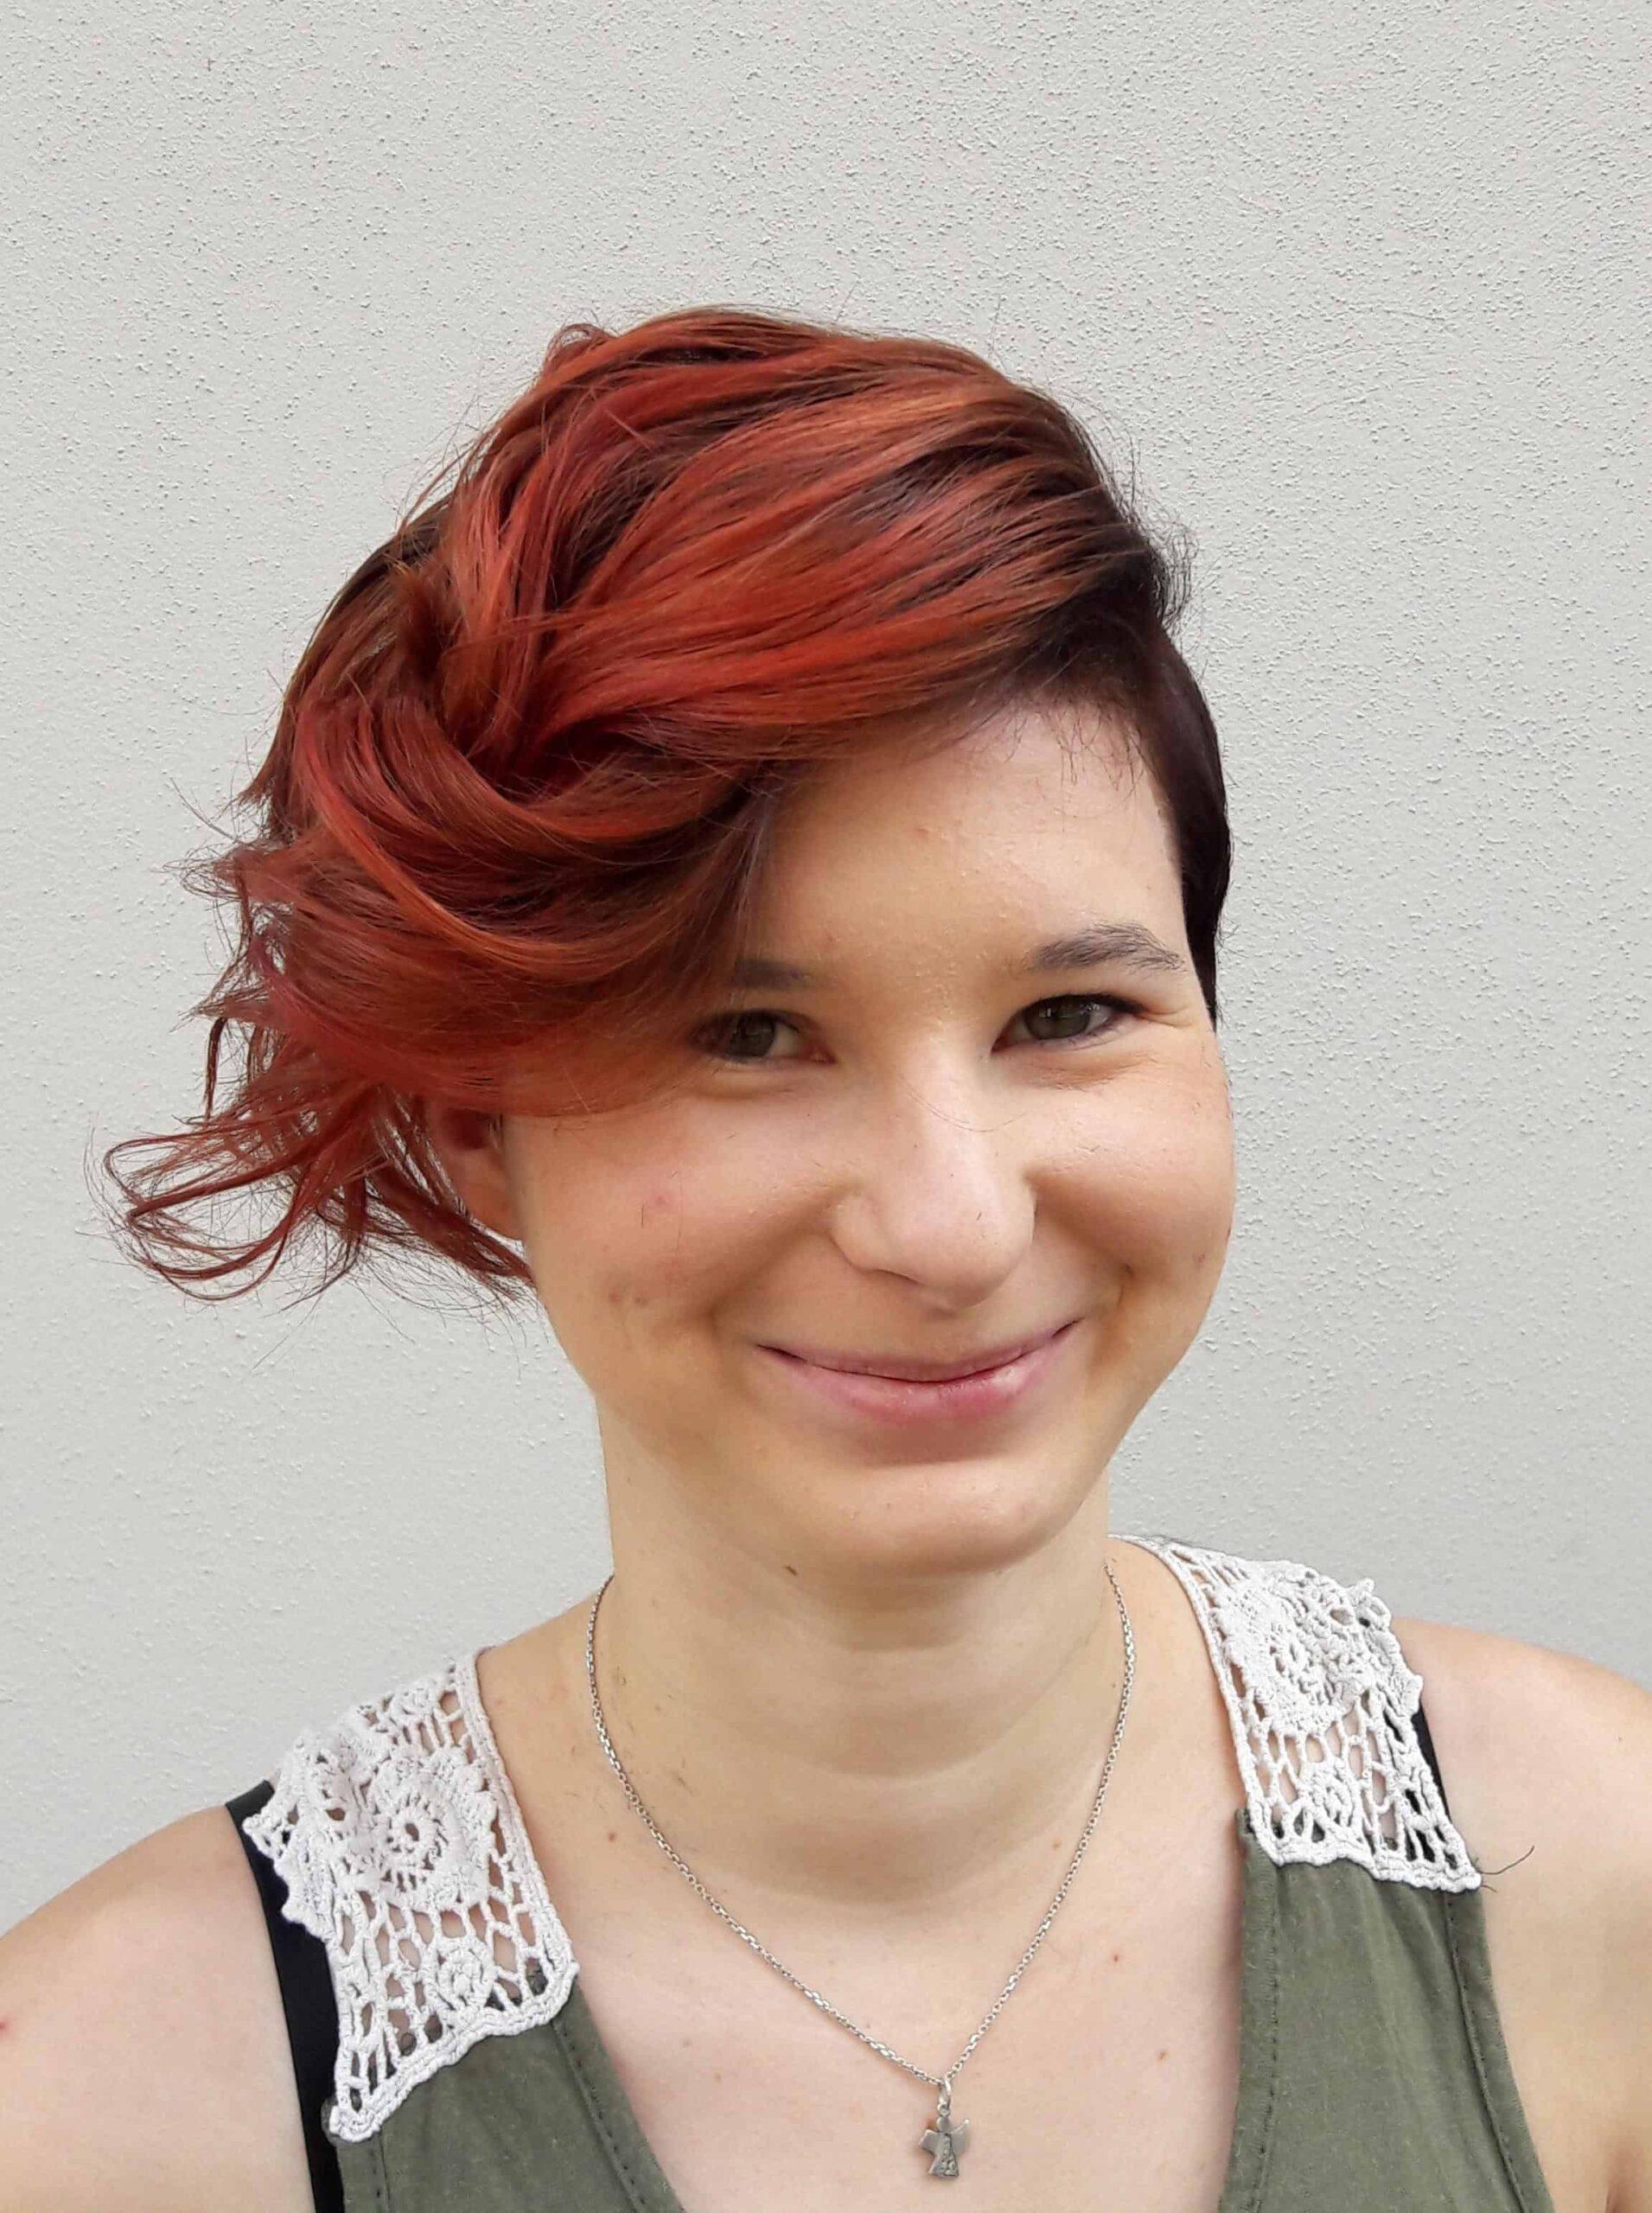 Janin-war-glücklich-mit-ihrer-neuen-Frisur-und-strahlte-über-beide-Ohren-1-e1562837548623-scaled